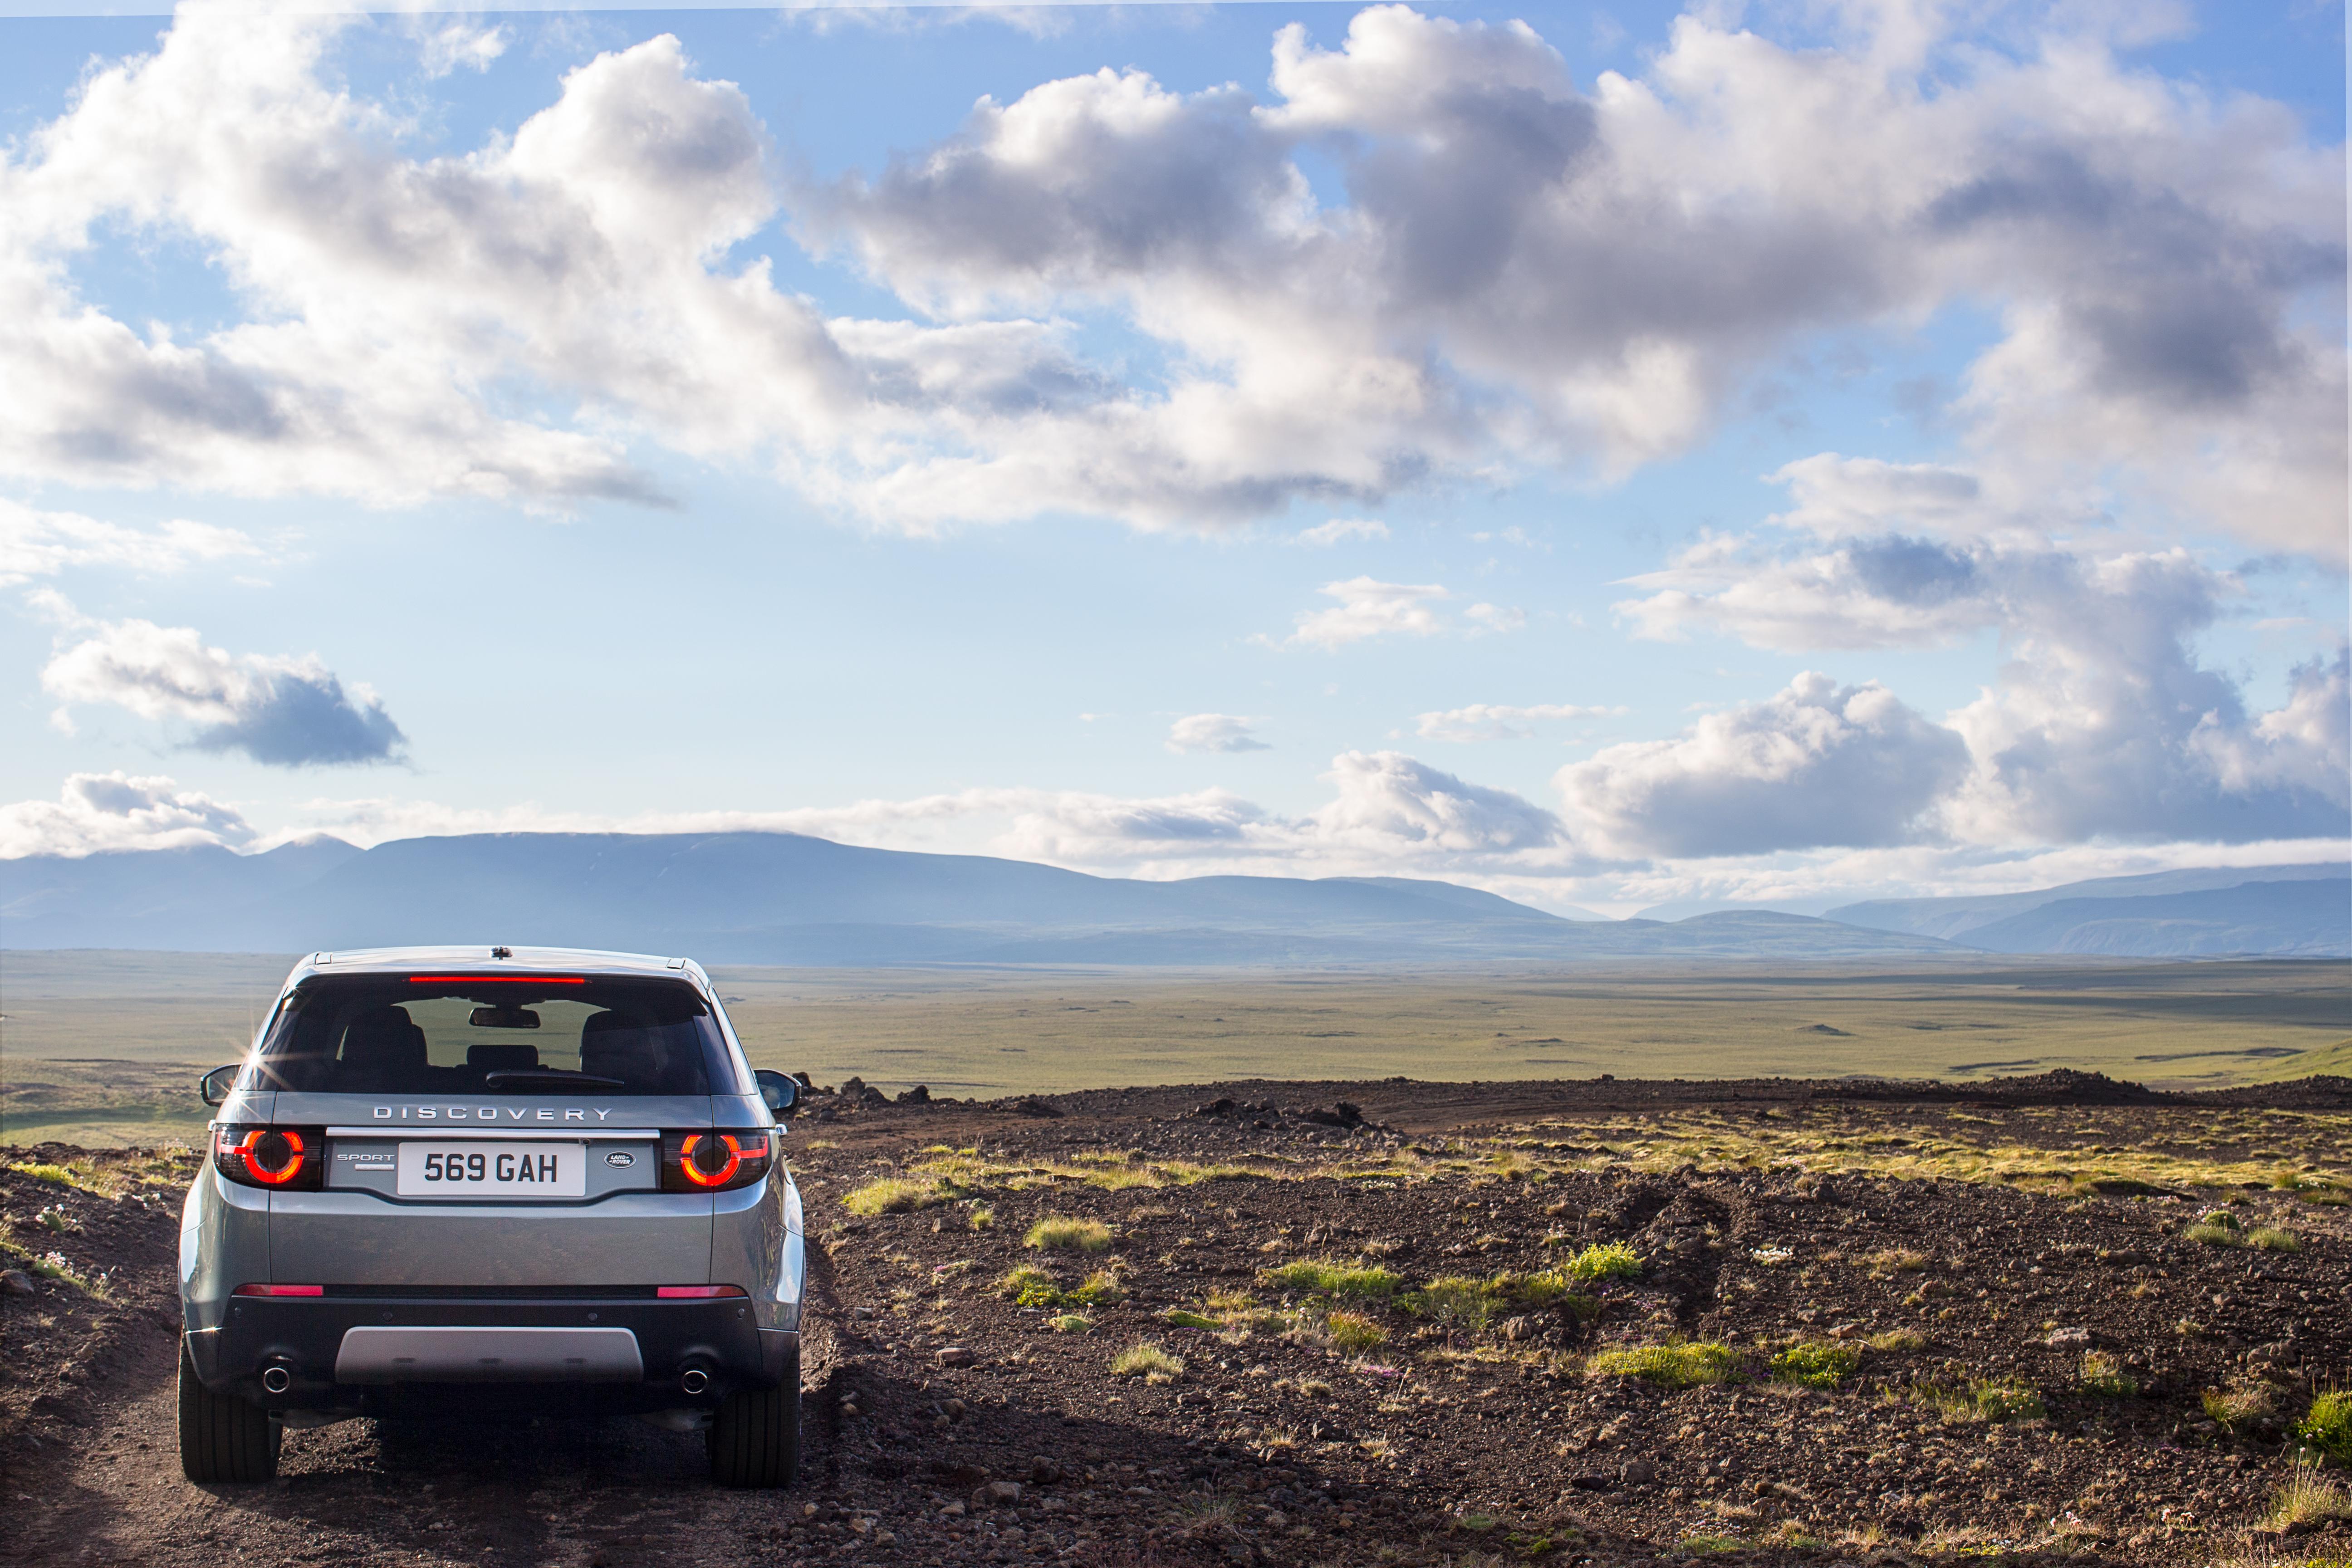 81754 завантажити шпалери Природа, Ленд Ровер, Тачки, Позашляховик, Машина, Вид Ззаду, Land Rover Discovery, Відкриття Land Rover - заставки і картинки безкоштовно